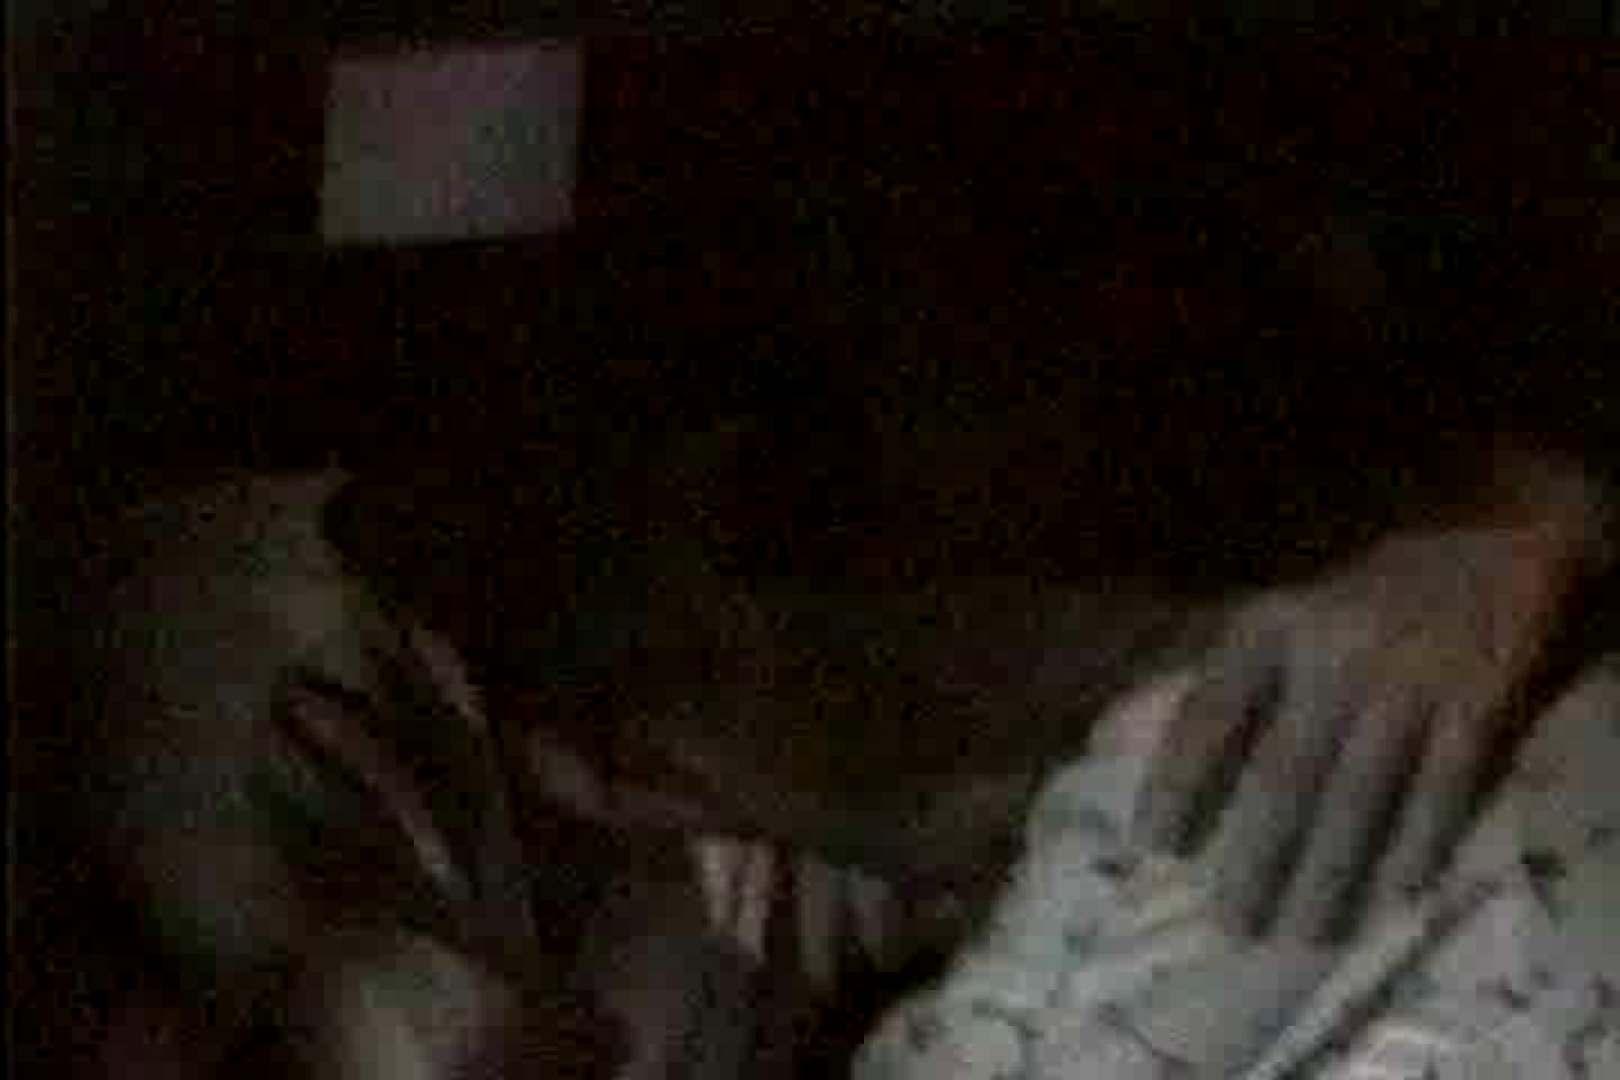 車の中はラブホテル 無修正版  Vol.8 人気シリーズ 盗み撮り動画キャプチャ 68連発 22